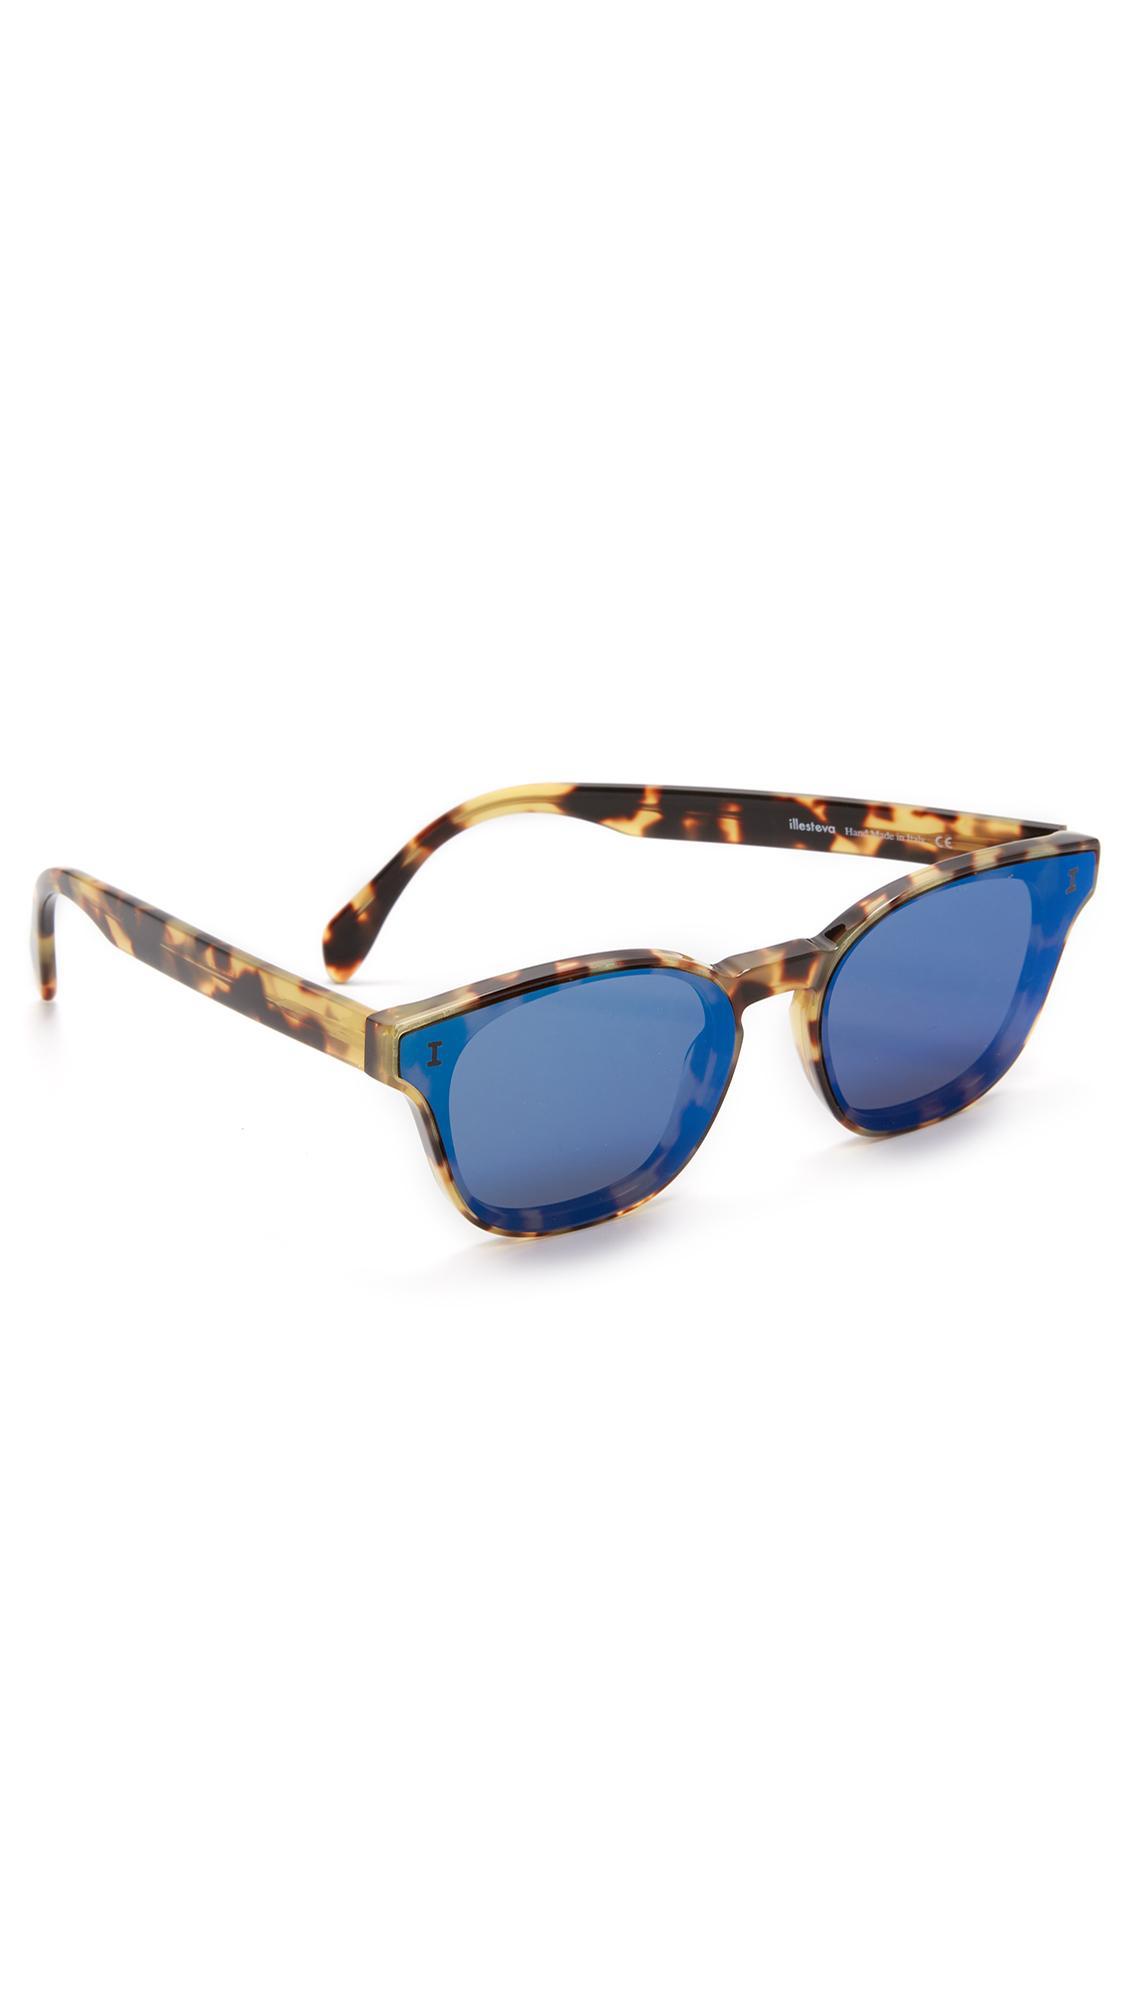 0f4d631fb Illesteva Martinique Sunglasses In Tortoise/Blue Mirror   ModeSens